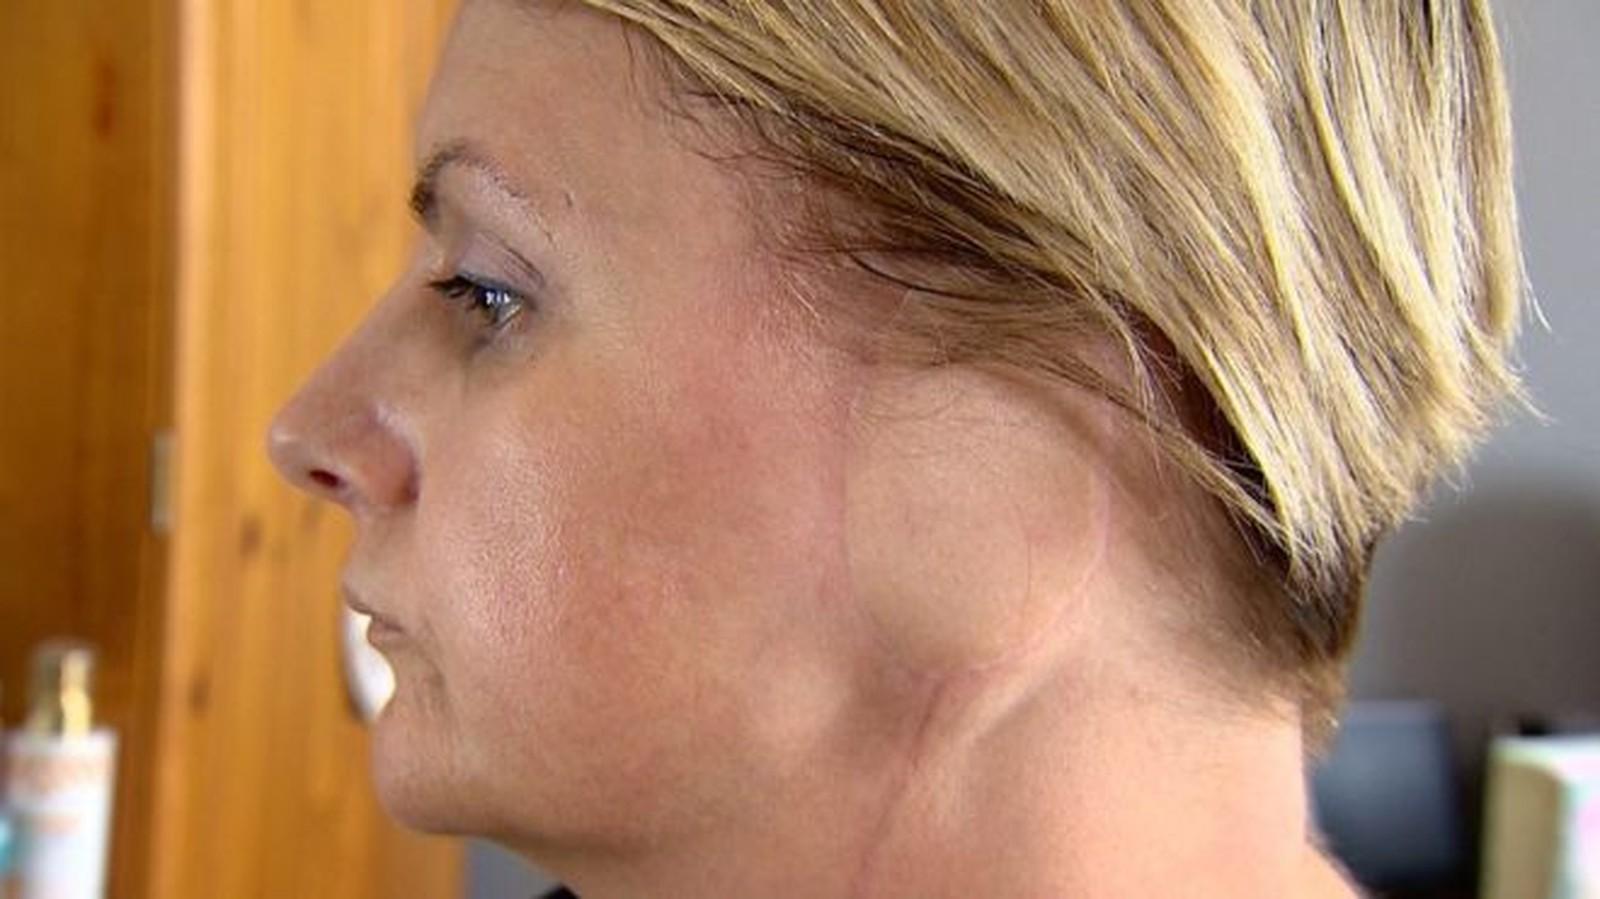 'Perdi uma orelha por causa do meu vício em bronzeamento artificial'